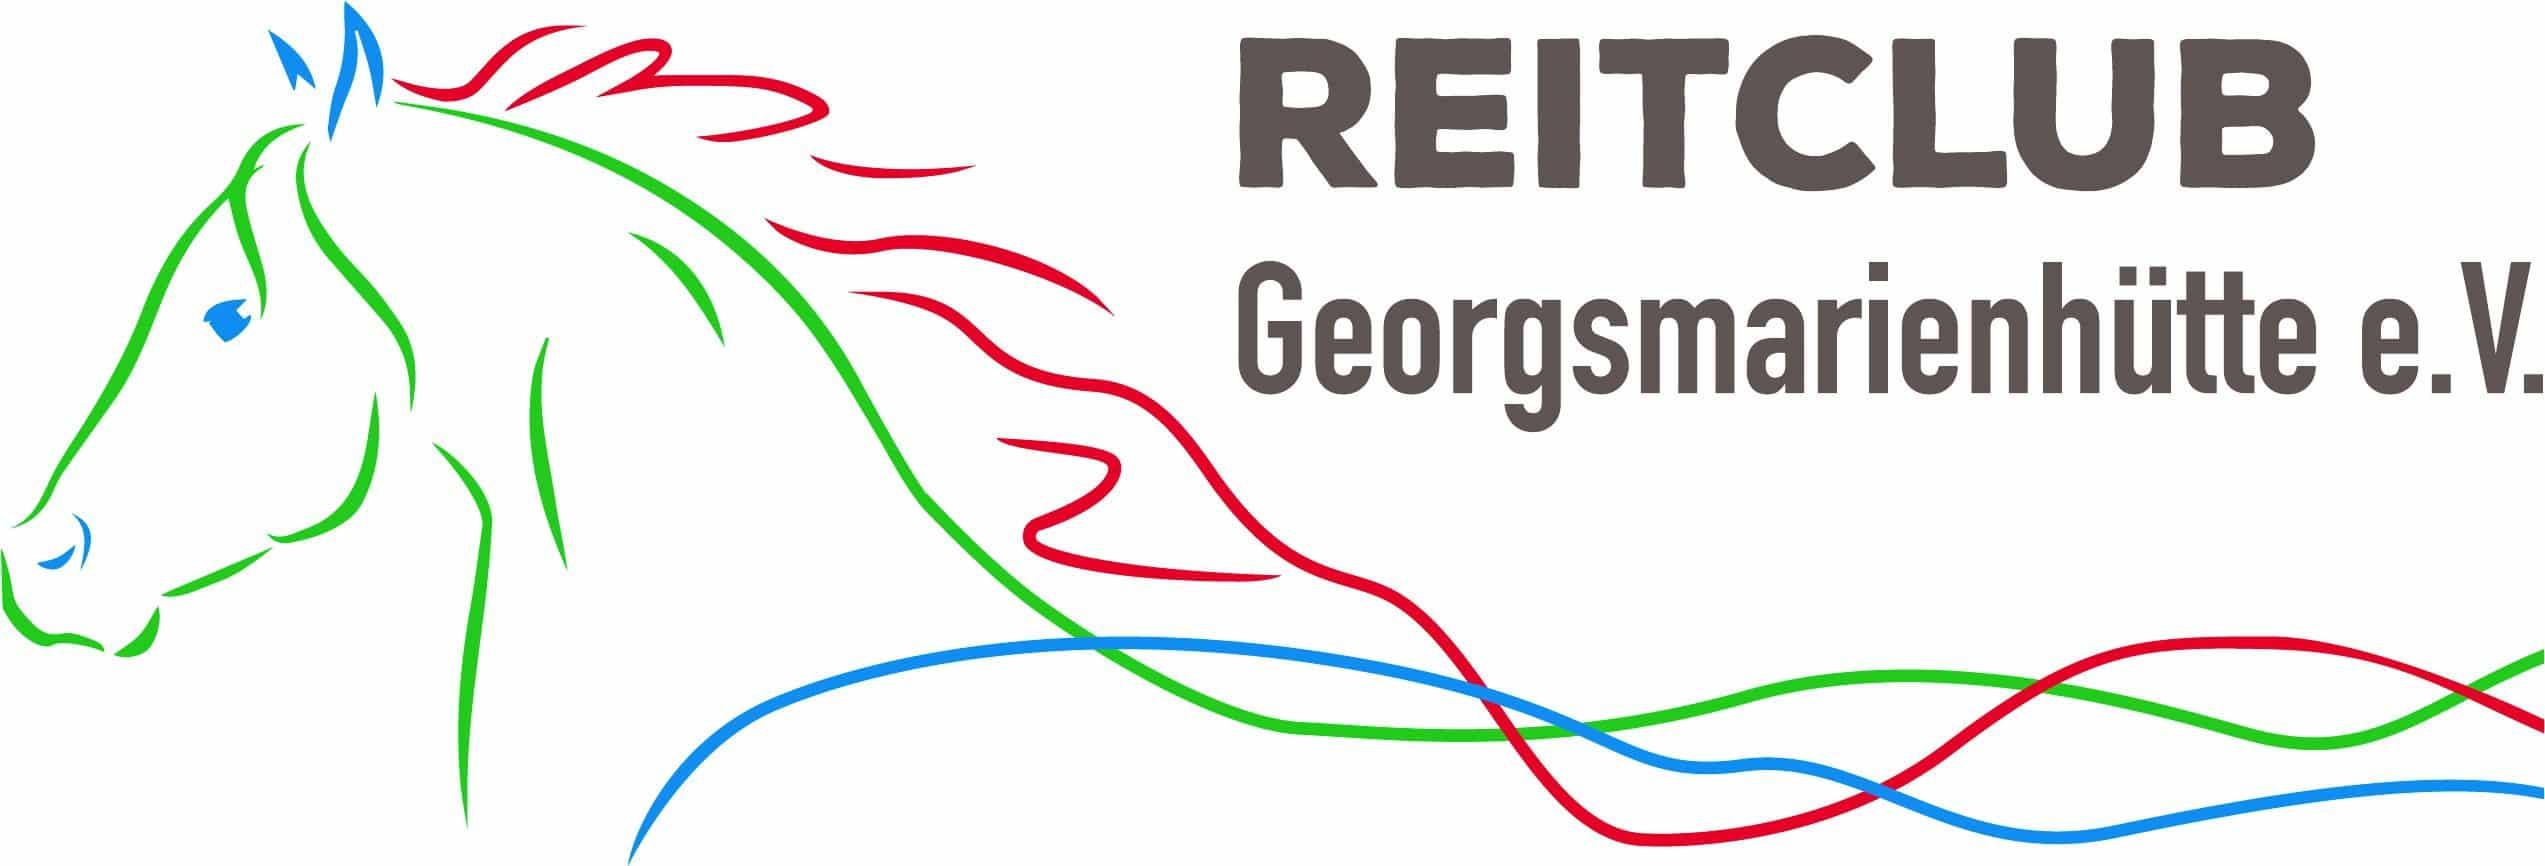 Reitclub Georgsmarienhütte e.V.